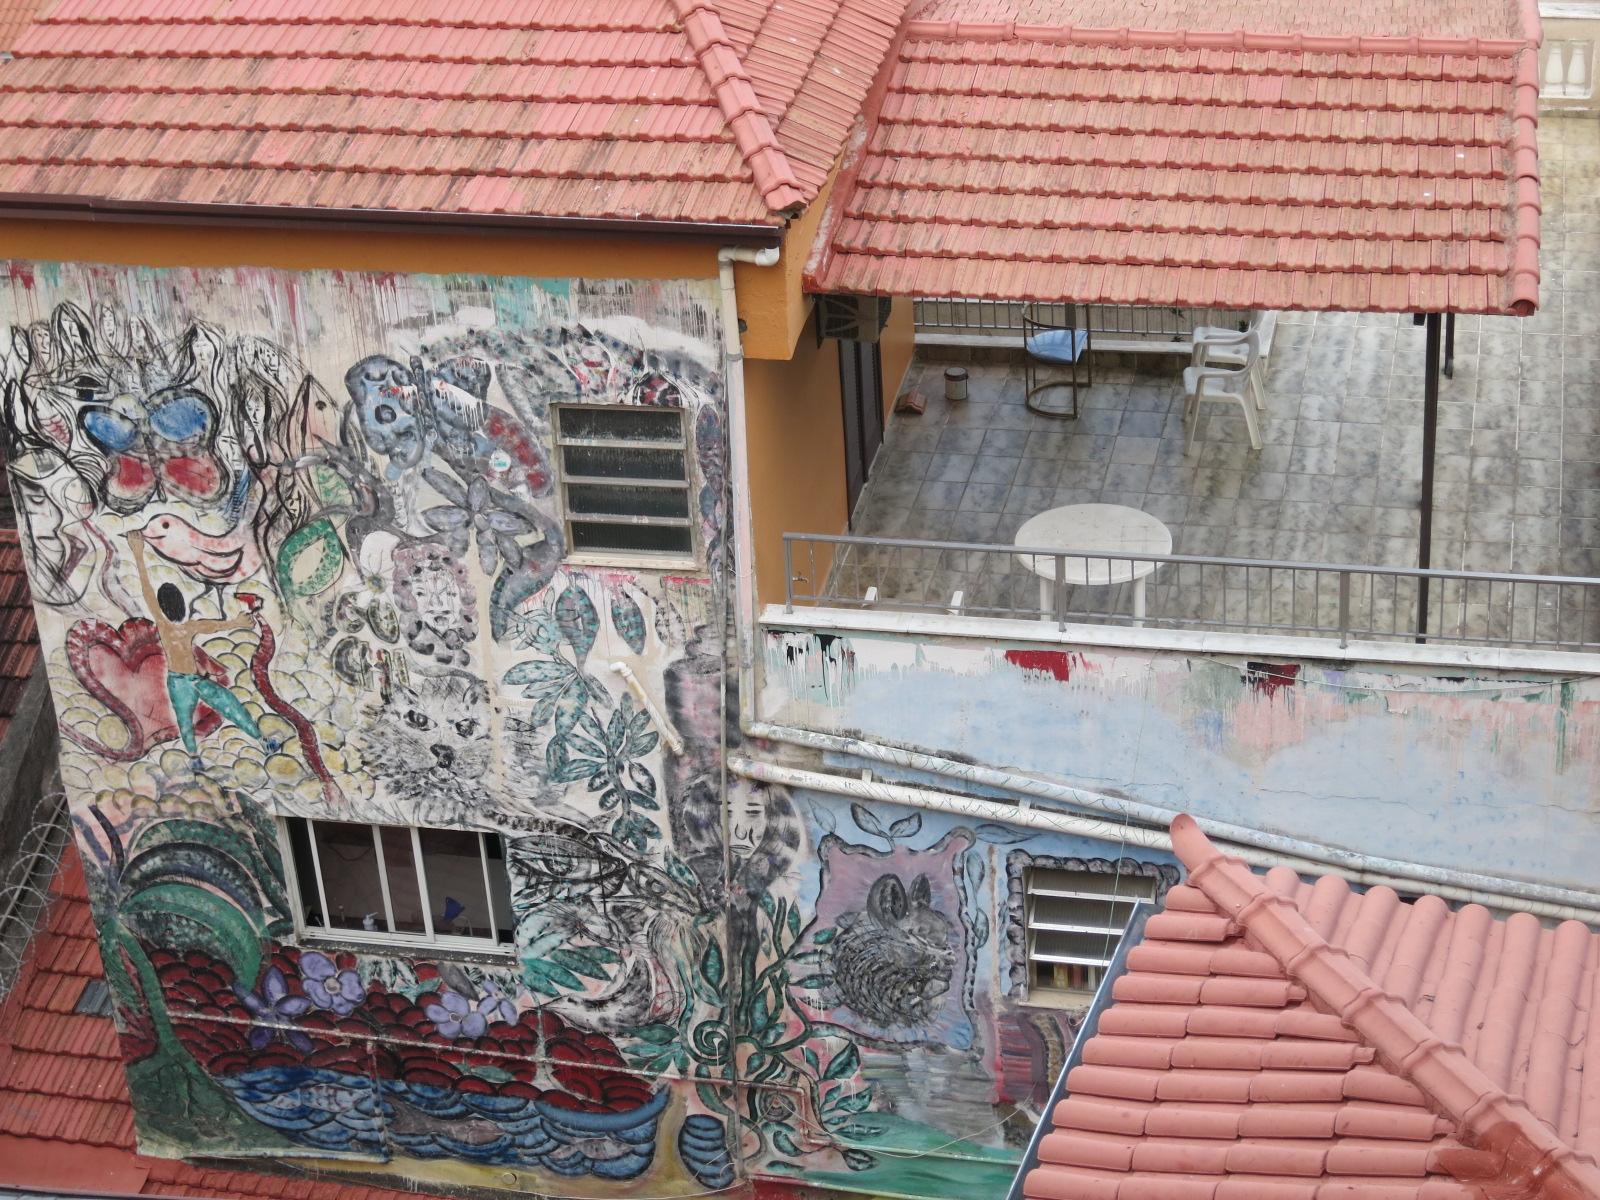 More graffiti!